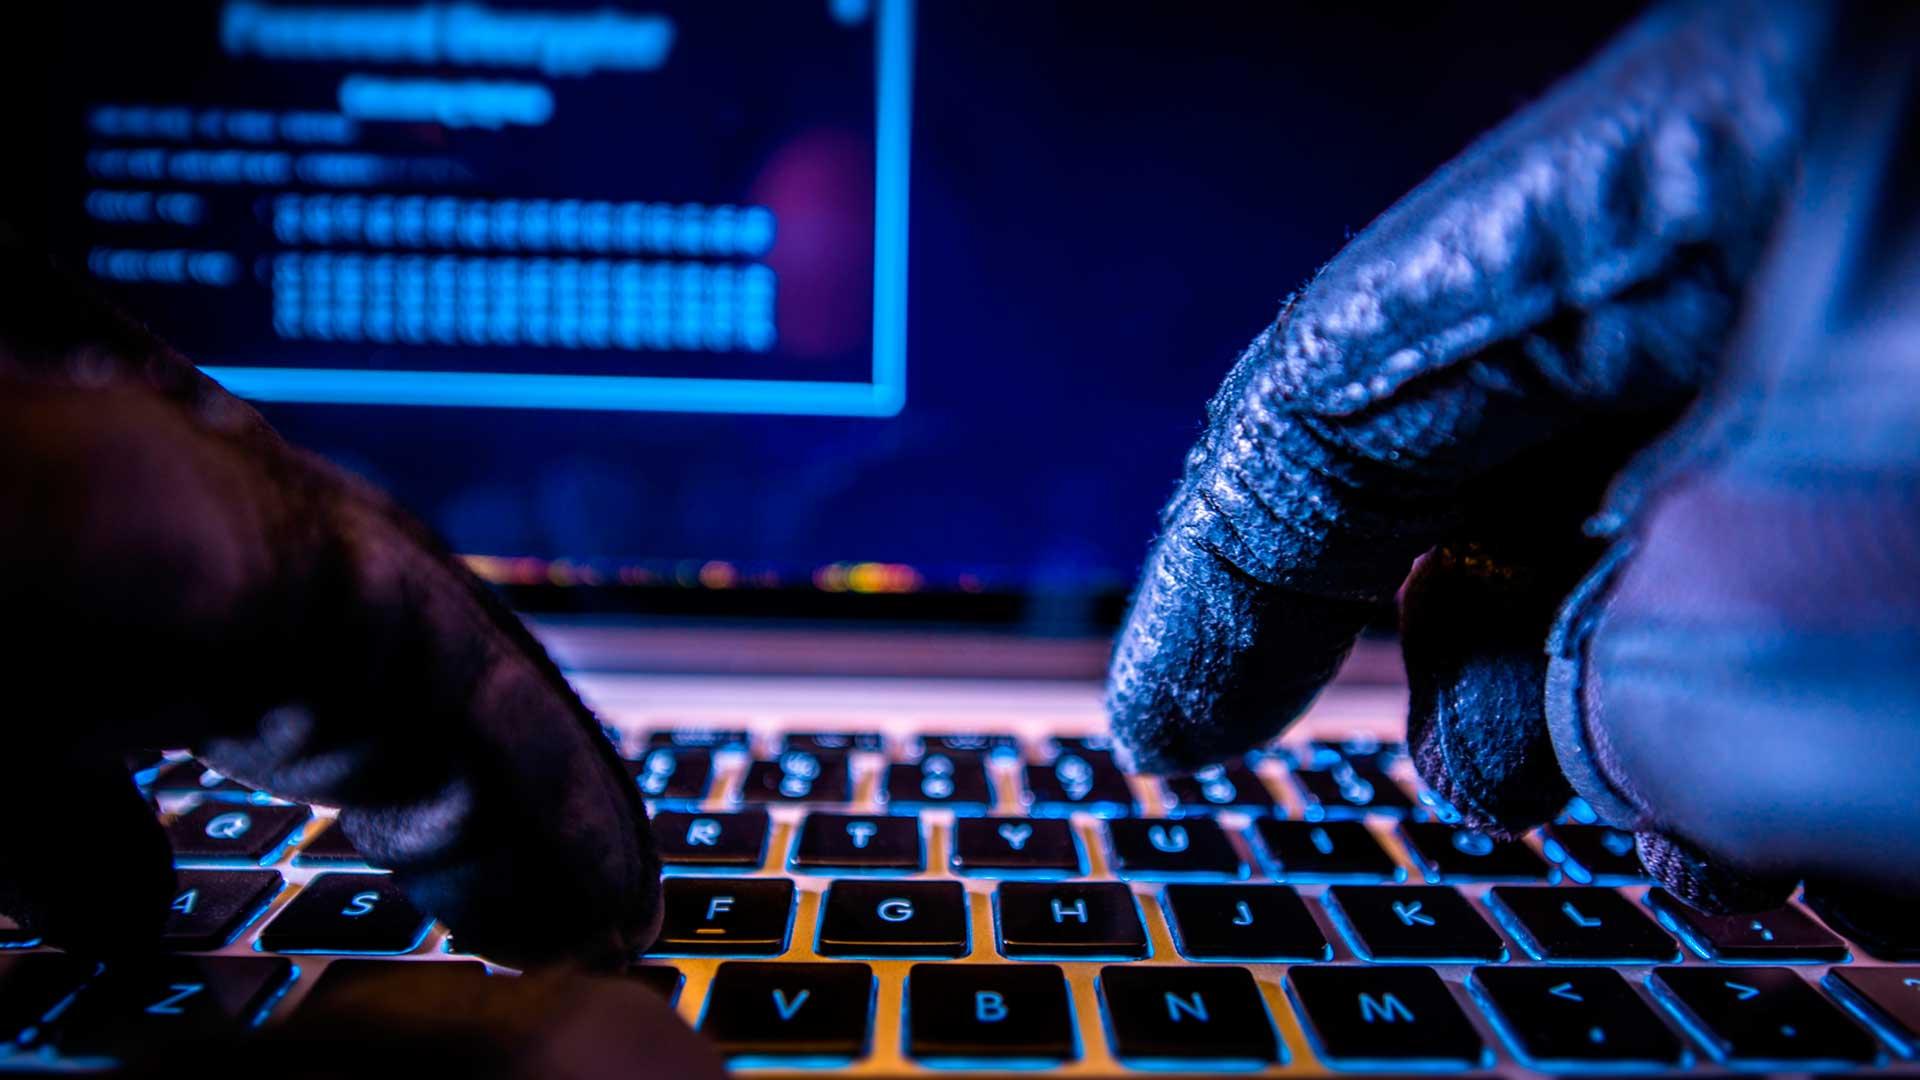 Google: композиция 123456 возглавила ТОП самых взламываемых паролей